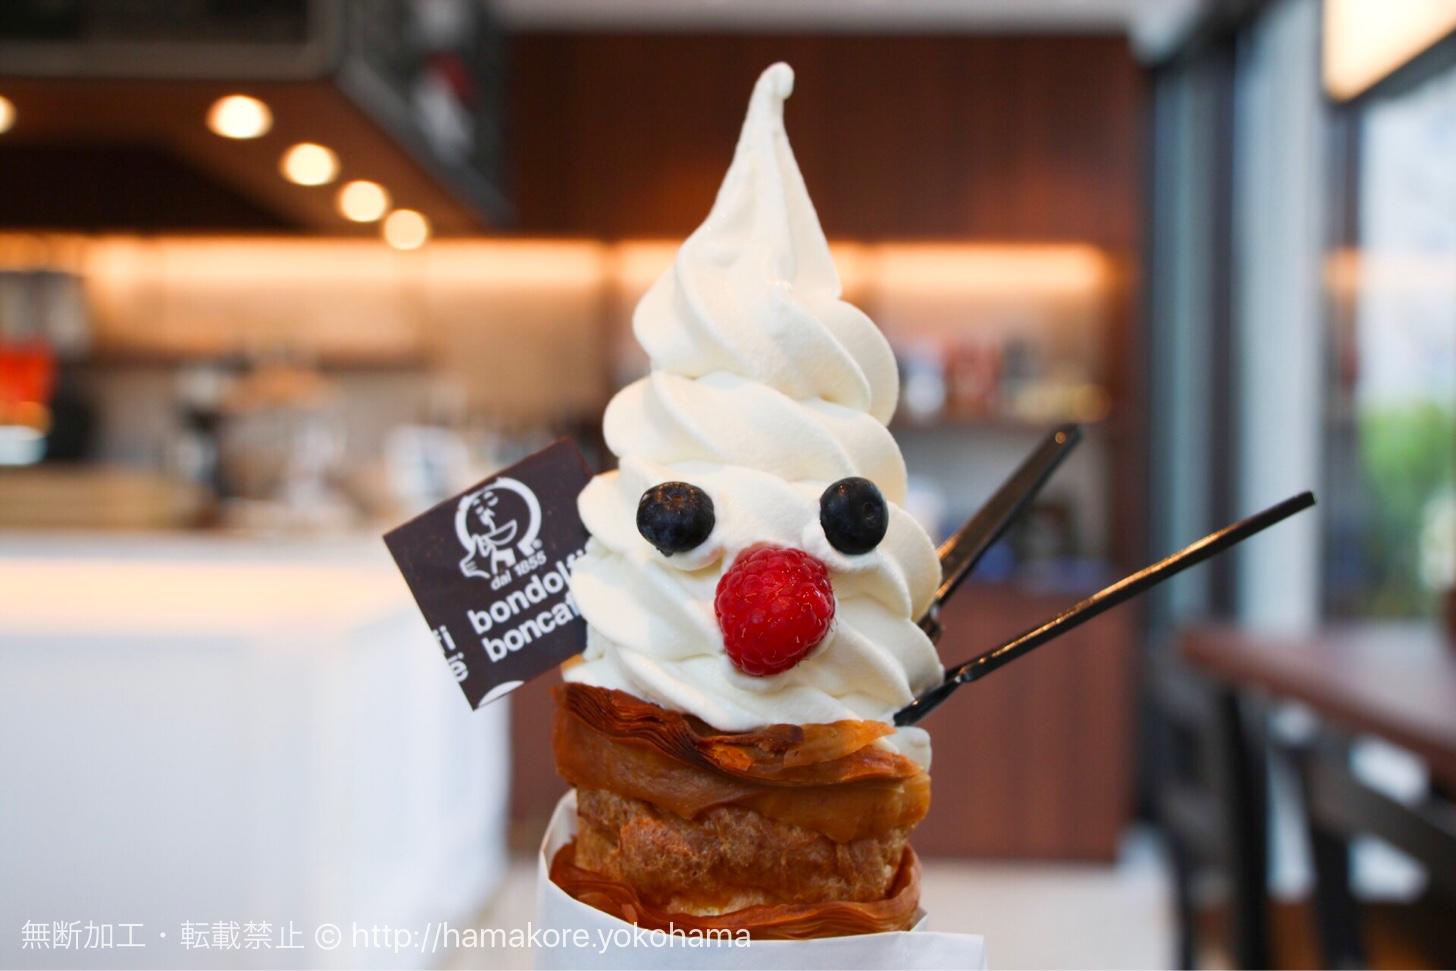 ボンドルフィボンカフェの2号店が横浜みなとみらいにオープン!人気のアラゴスタソフトを食べてきた!